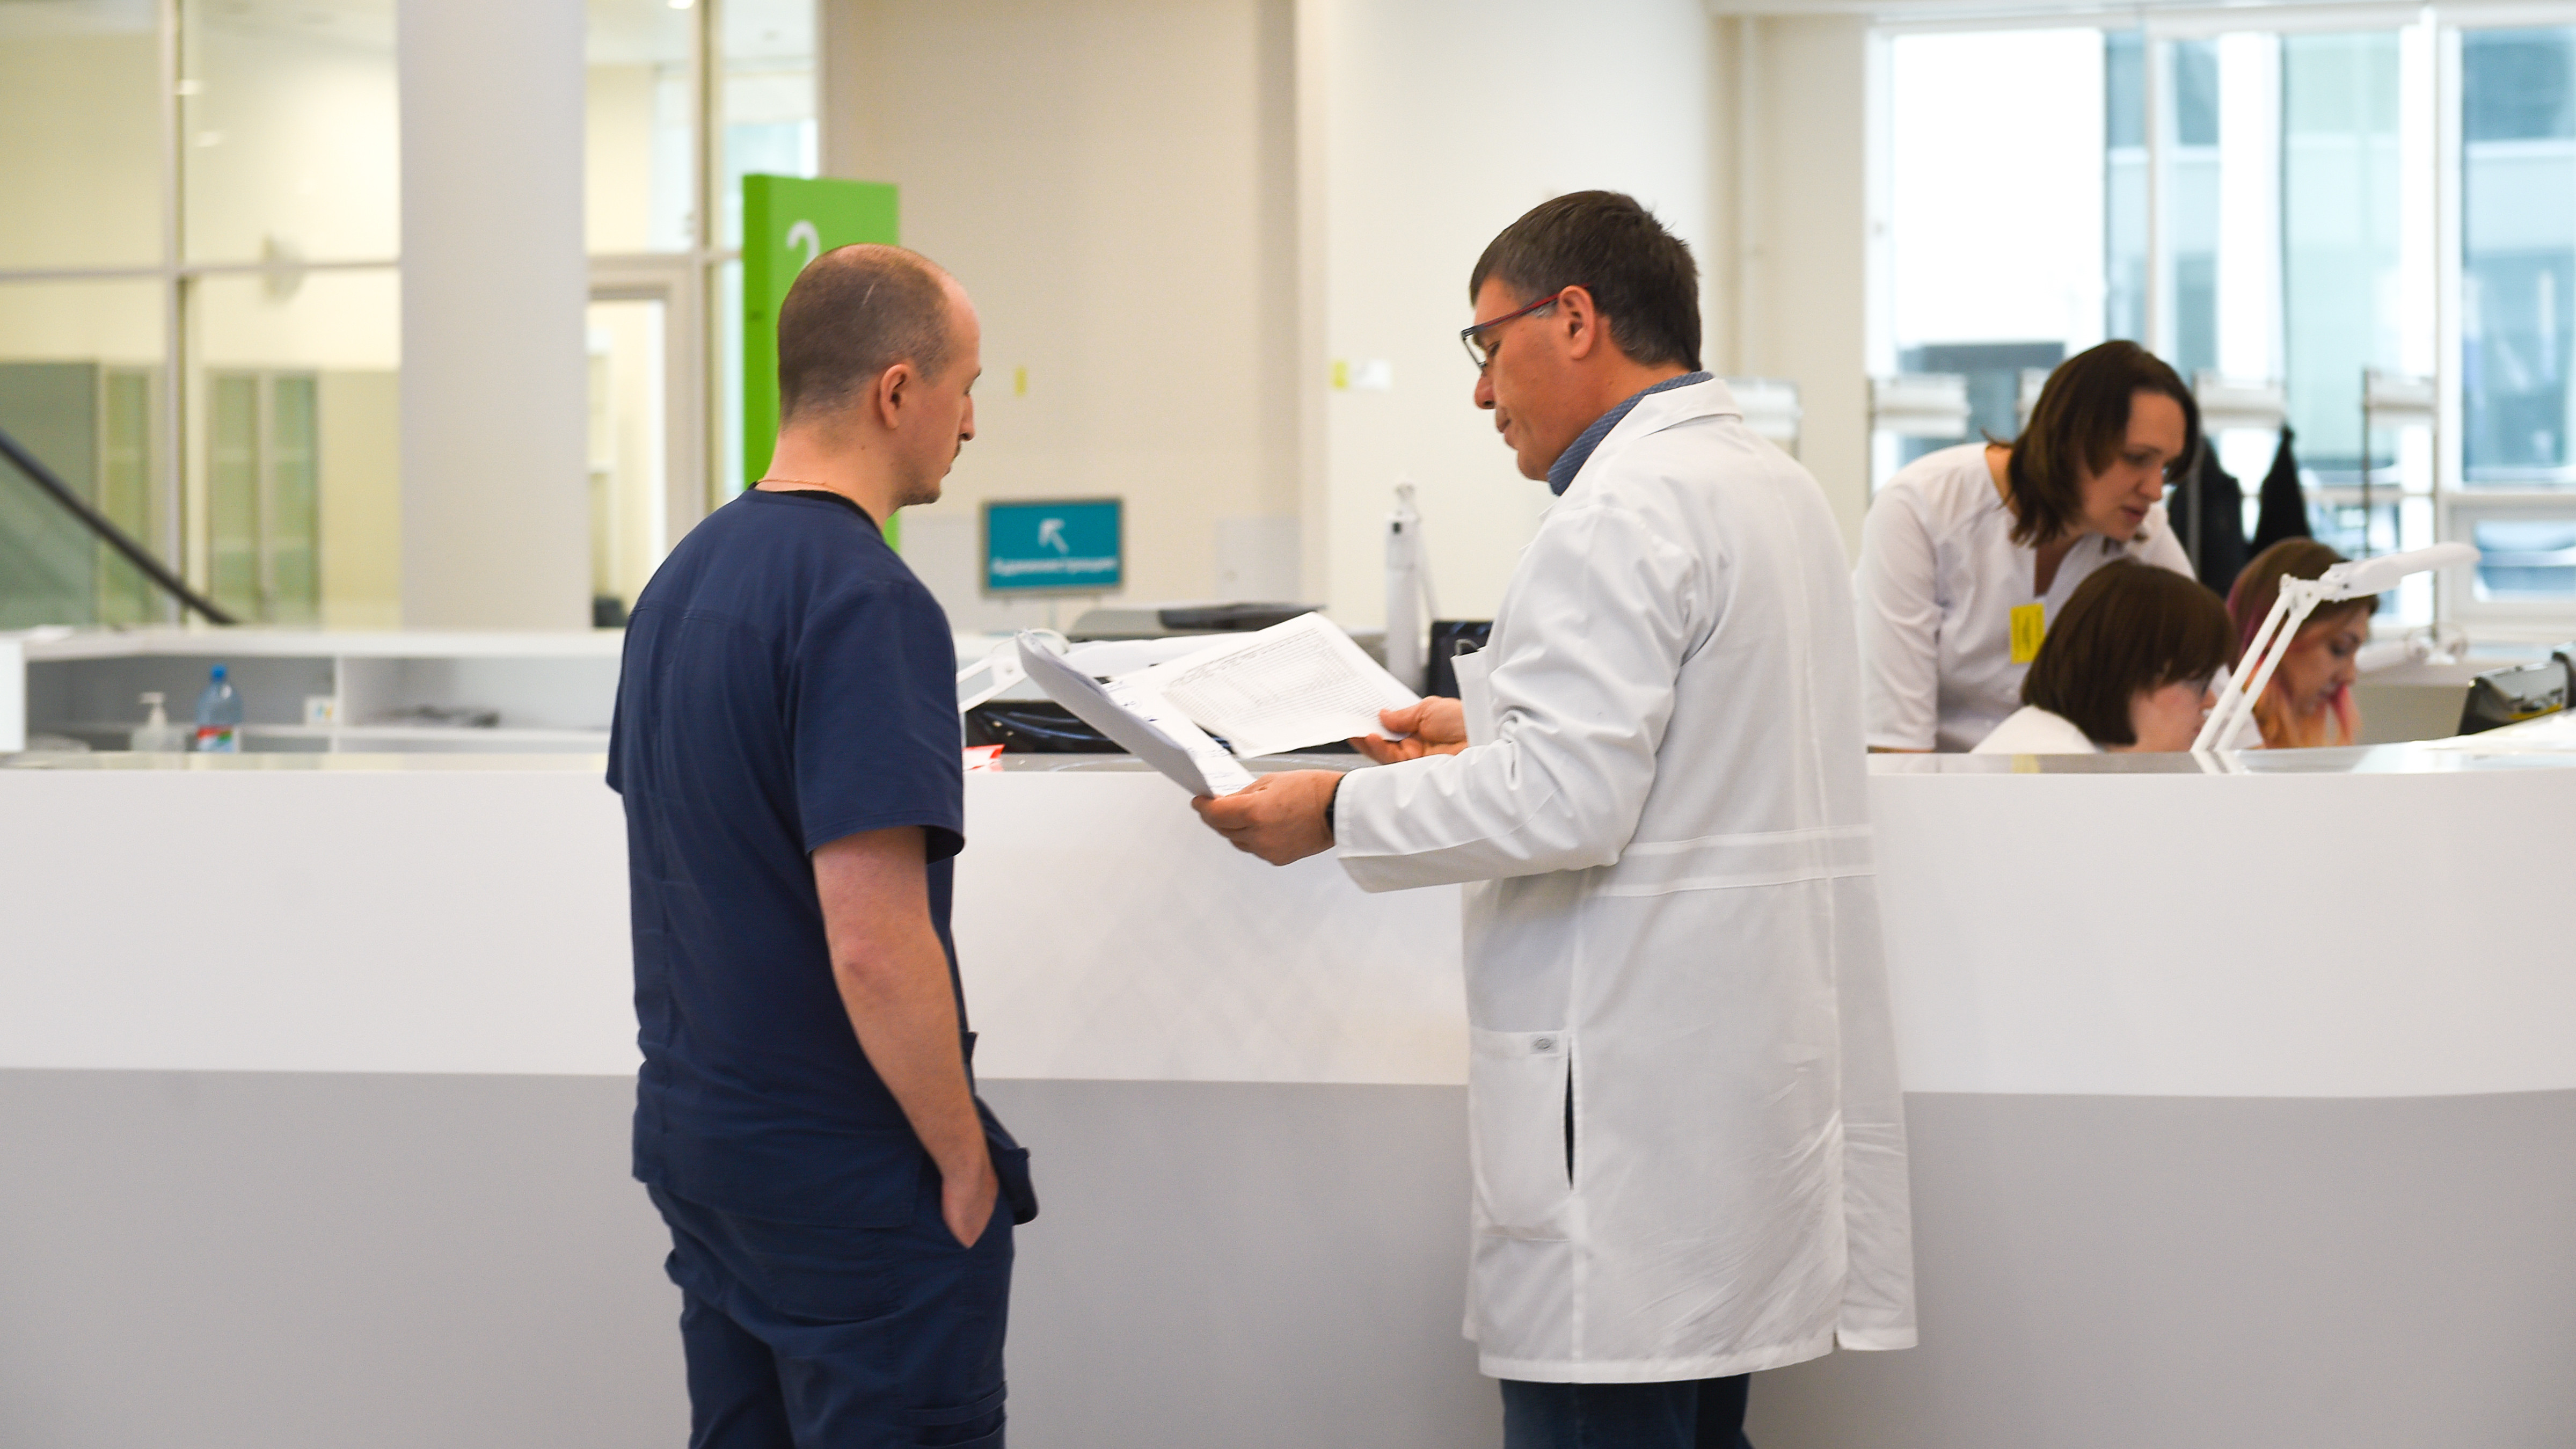 Ни одного случая заражения коронавирусом не выявили в четырех округах Подмосковья